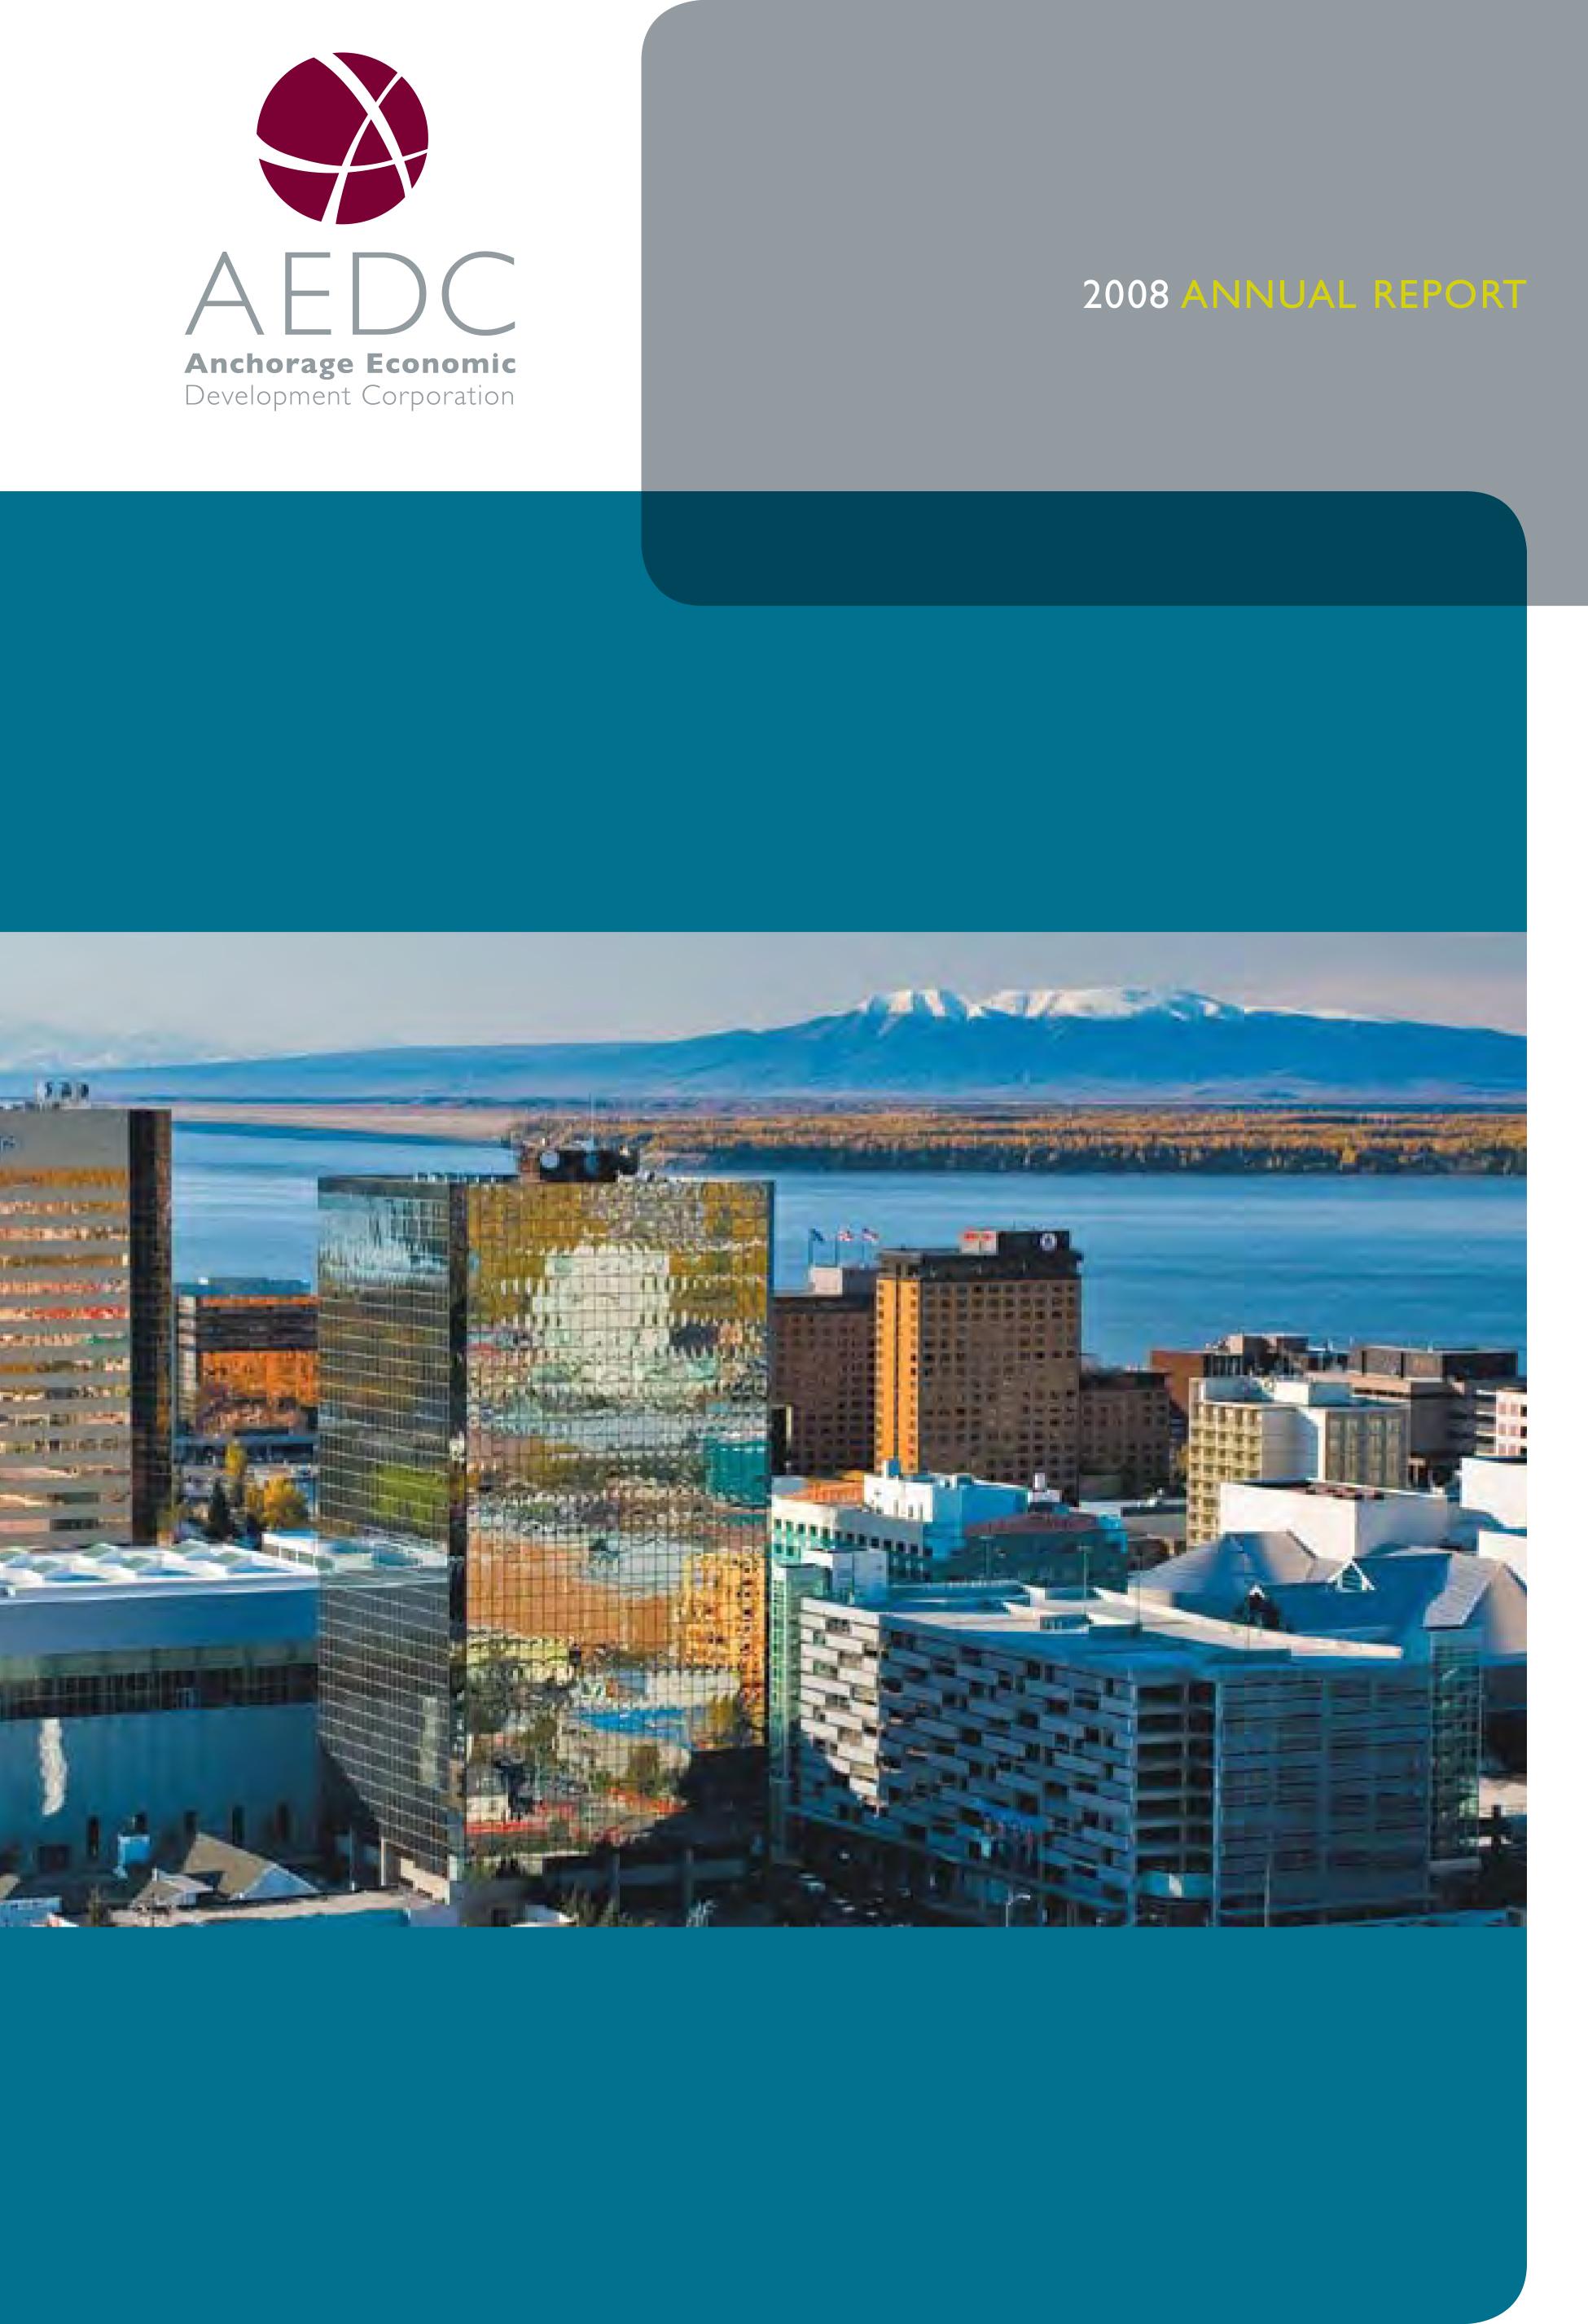 AEDC Annual Report: 2008